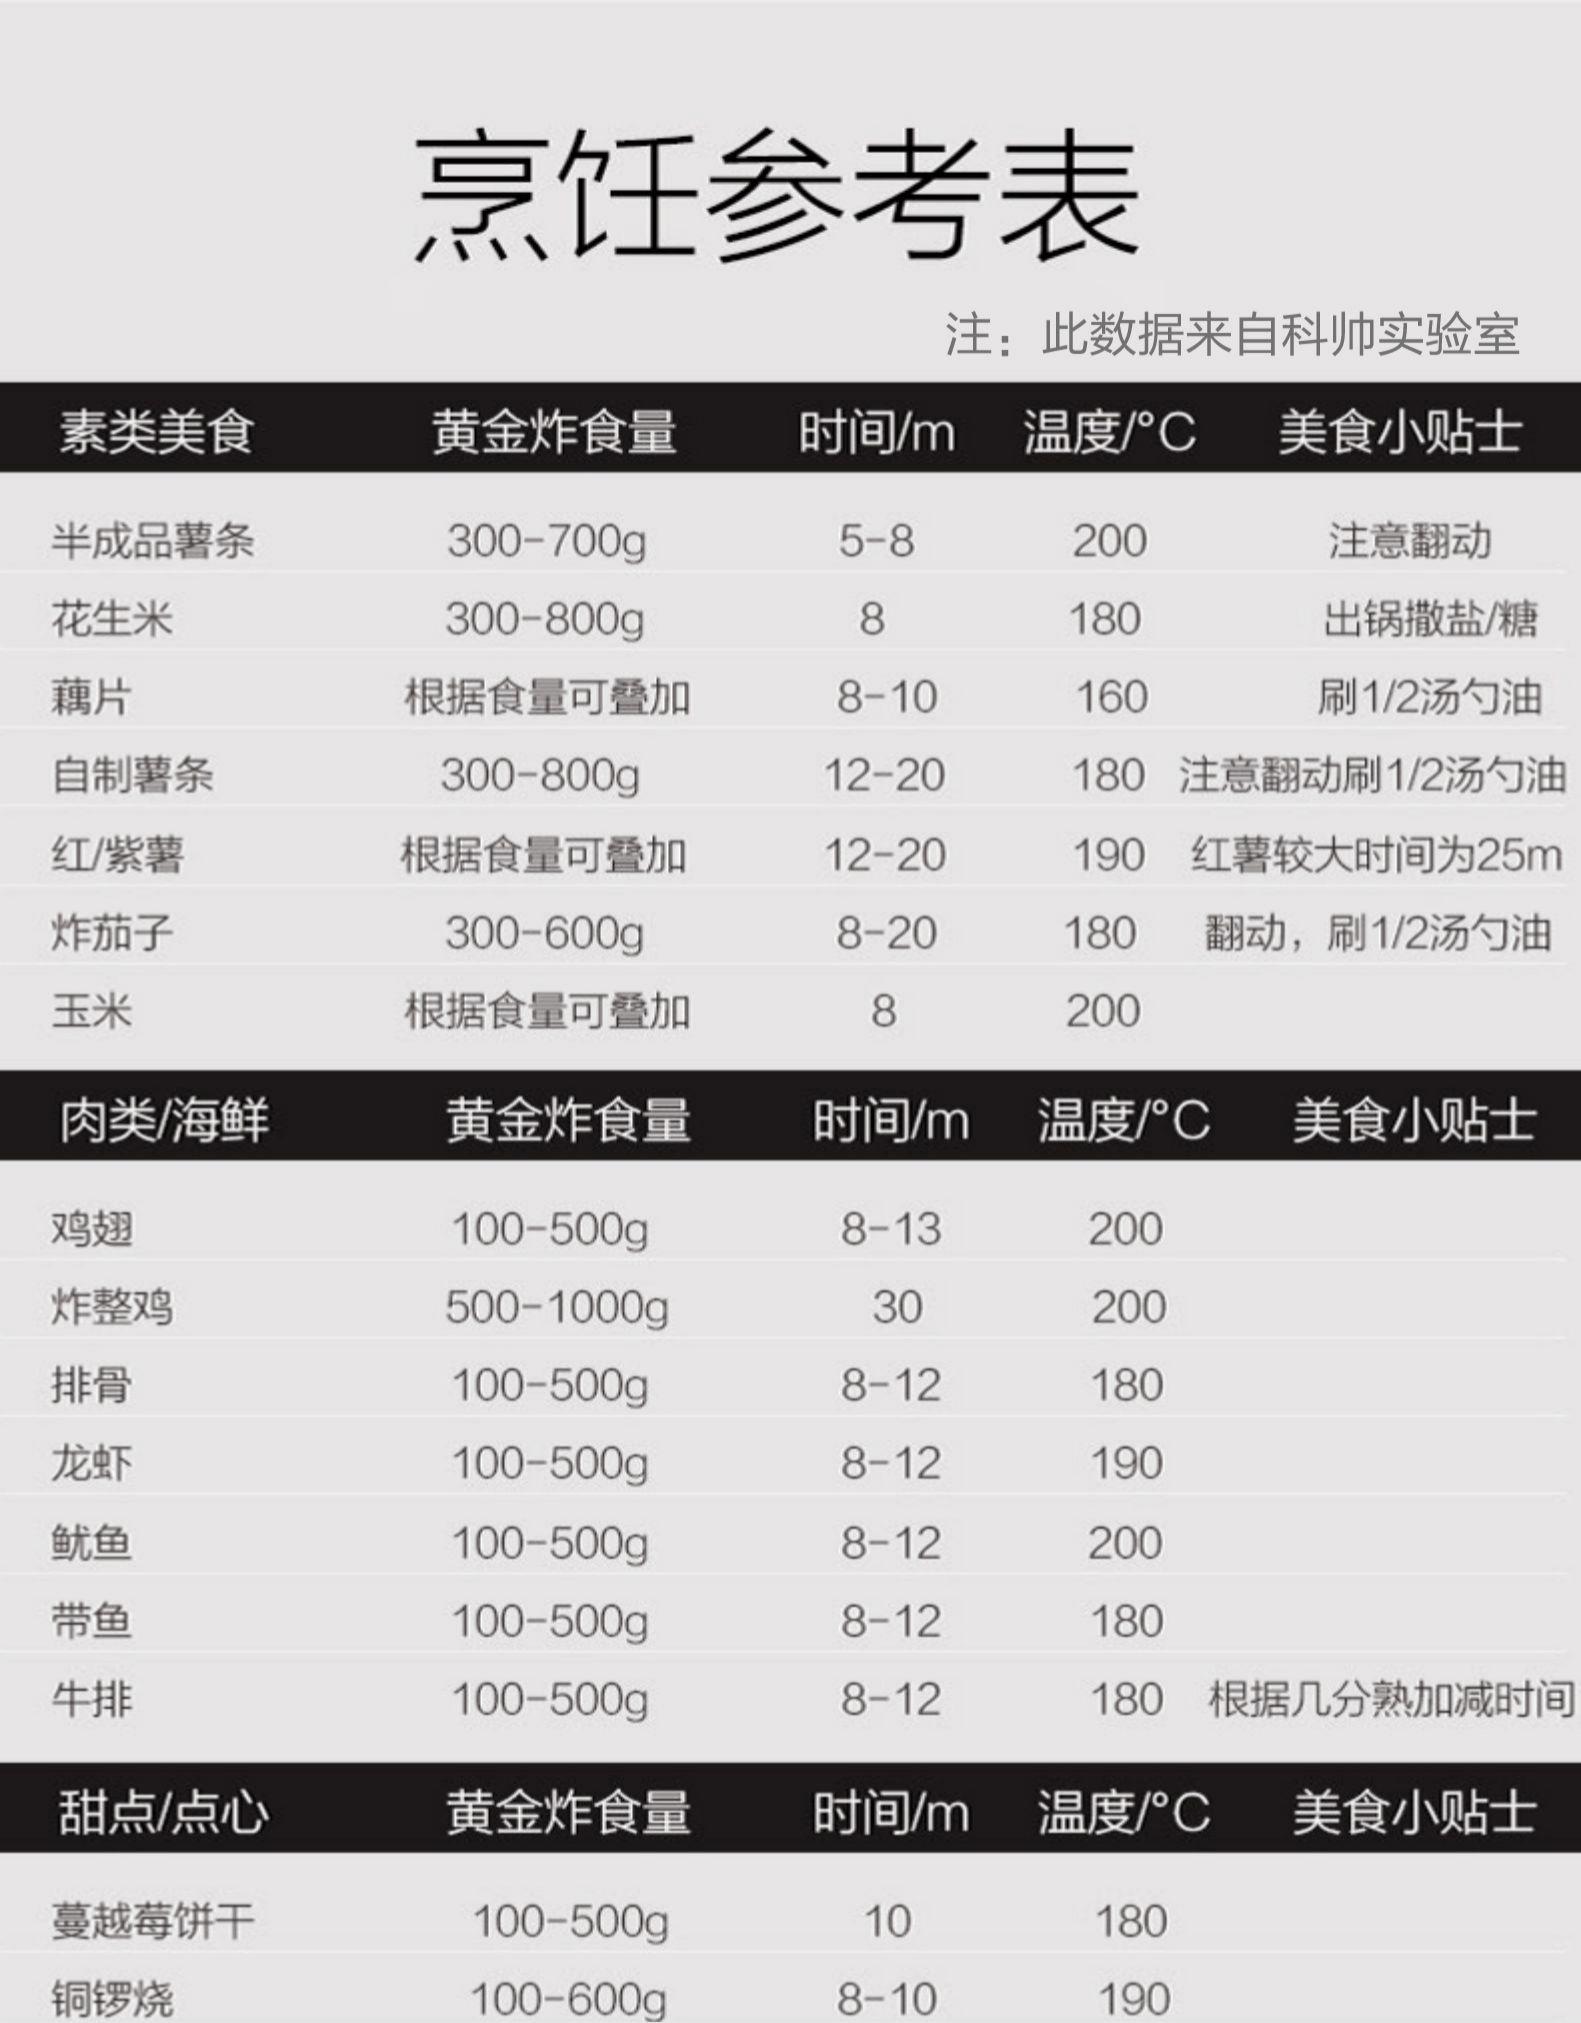 現貨 科帥701 科帥AF105 110V台灣電壓 304不鏽鋼氣炸鍋 空氣無油煎炸鍋 電炸鍋電烤爐 空炸鍋 易清洗 5